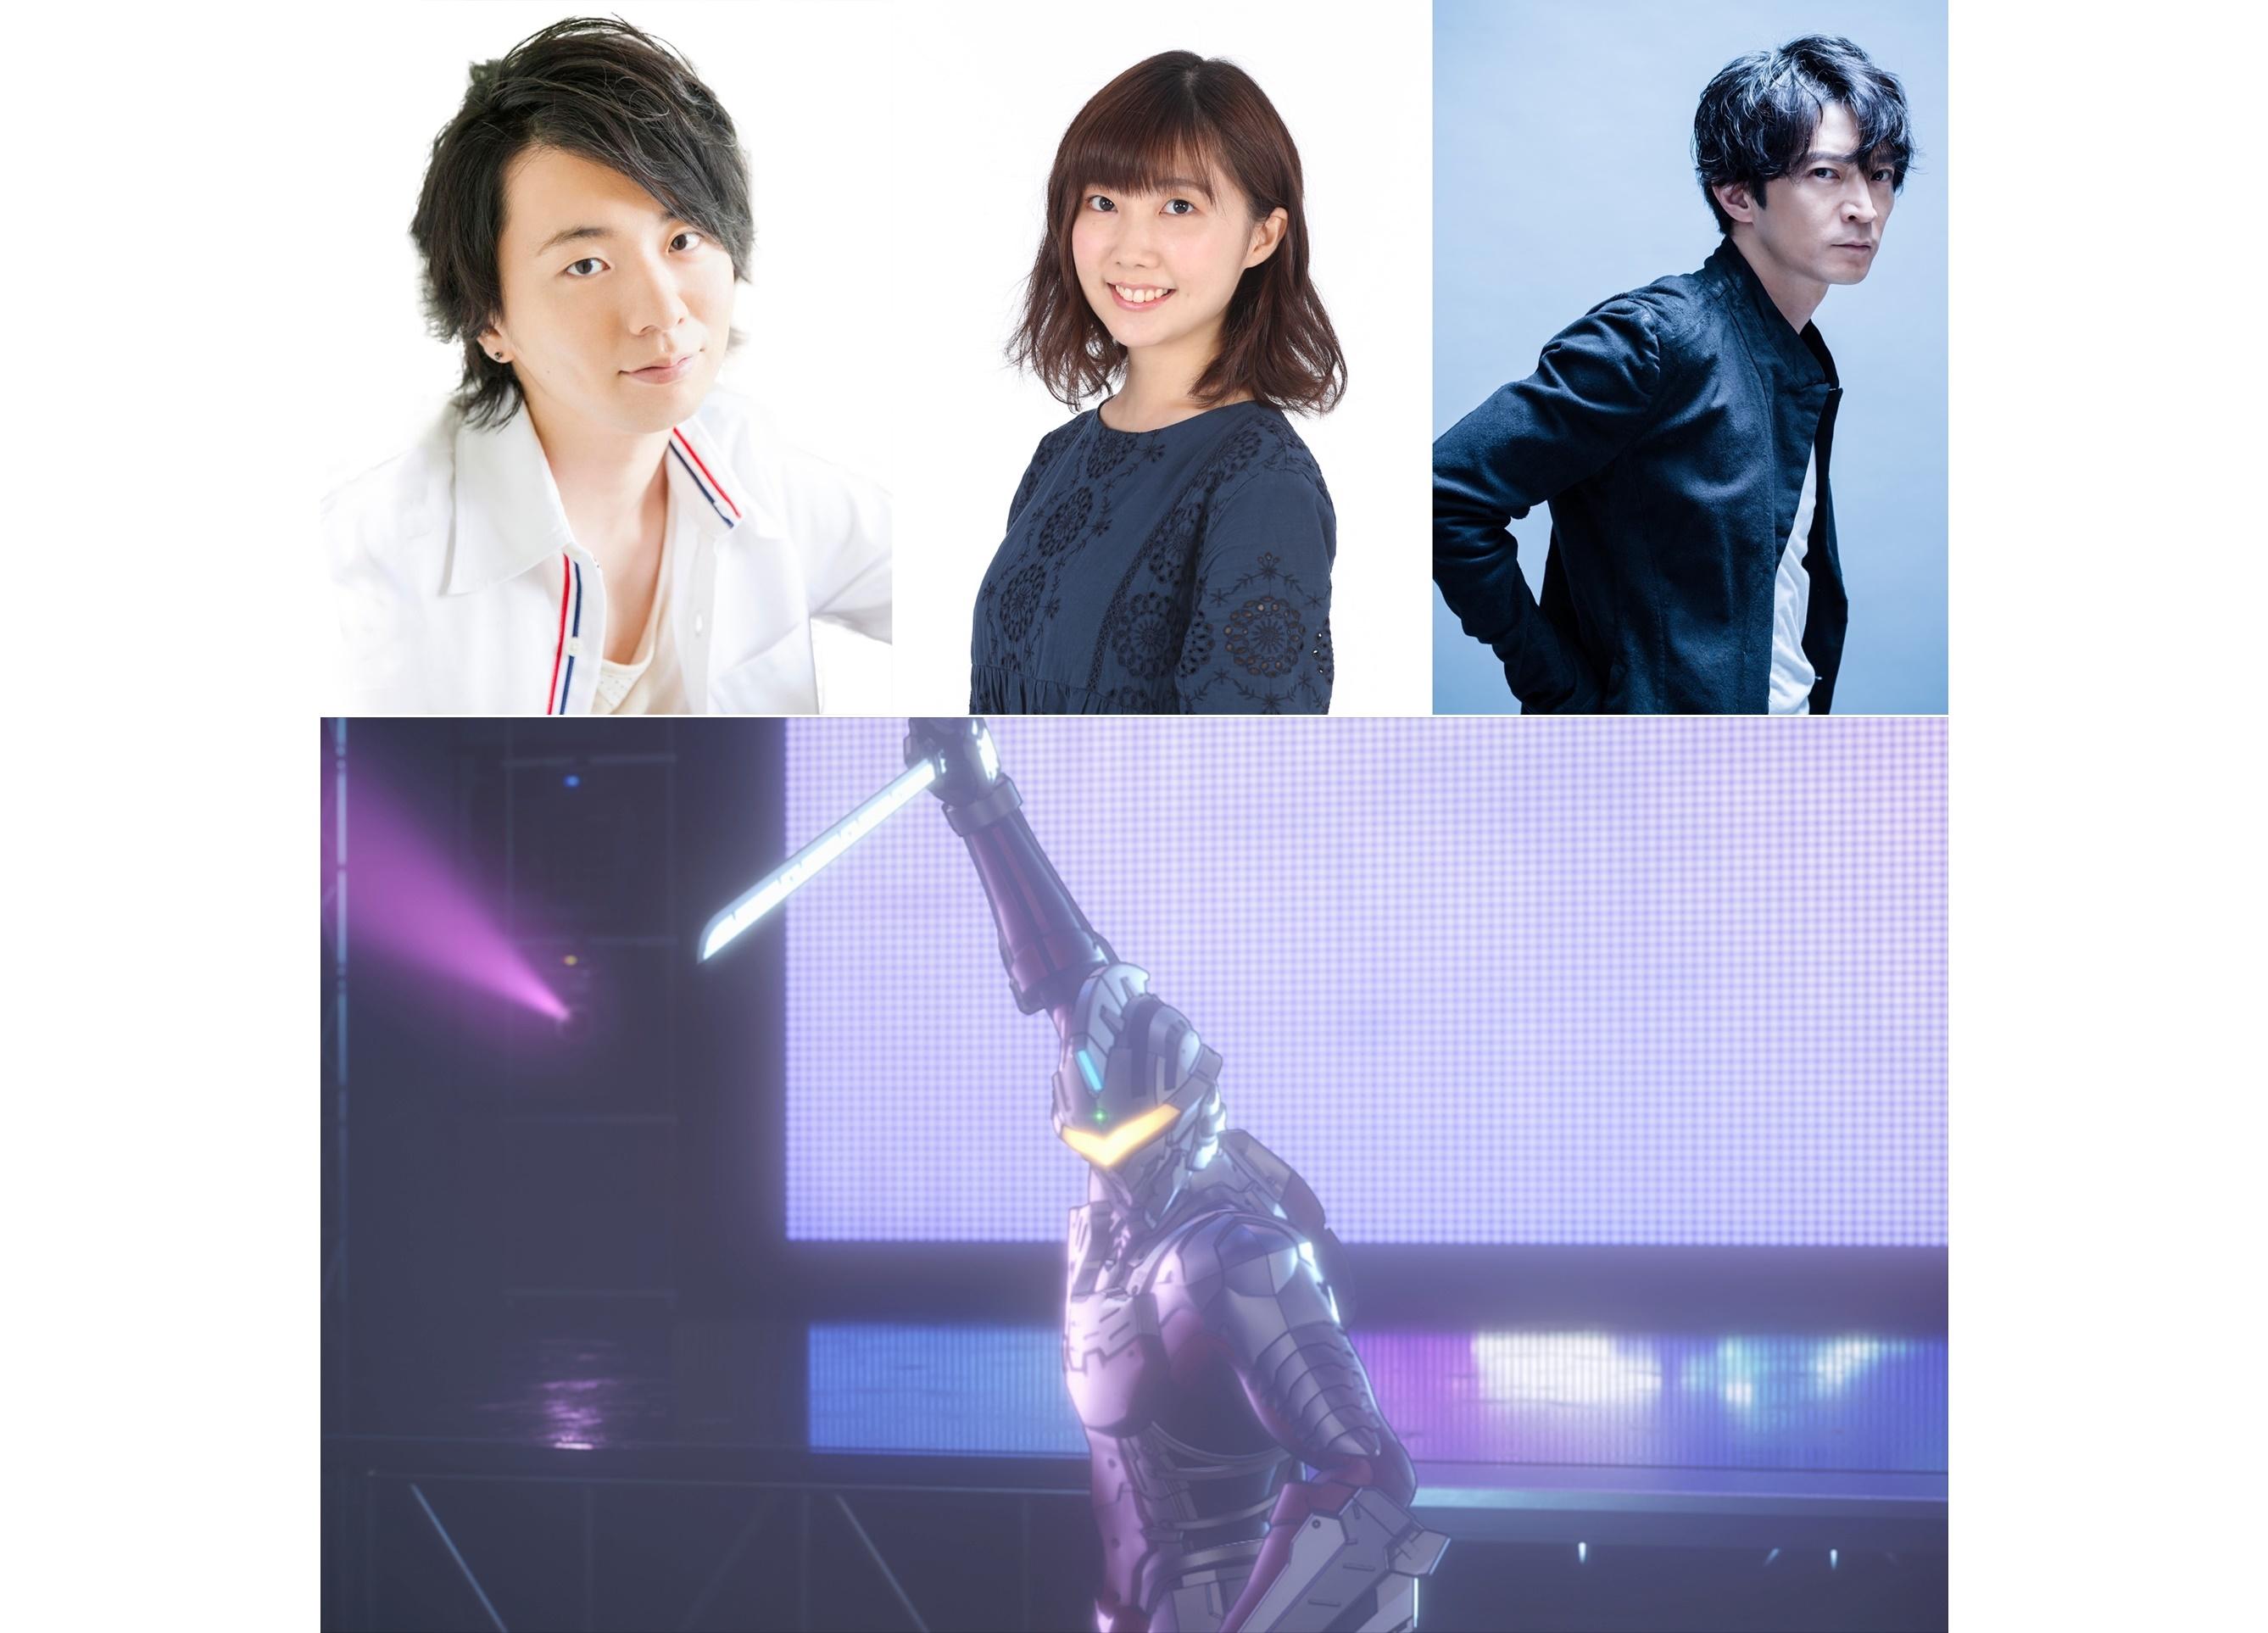 アニメ『ULTRAMAN』SPステージに諸星すみれ、津田健次郎 出演決定